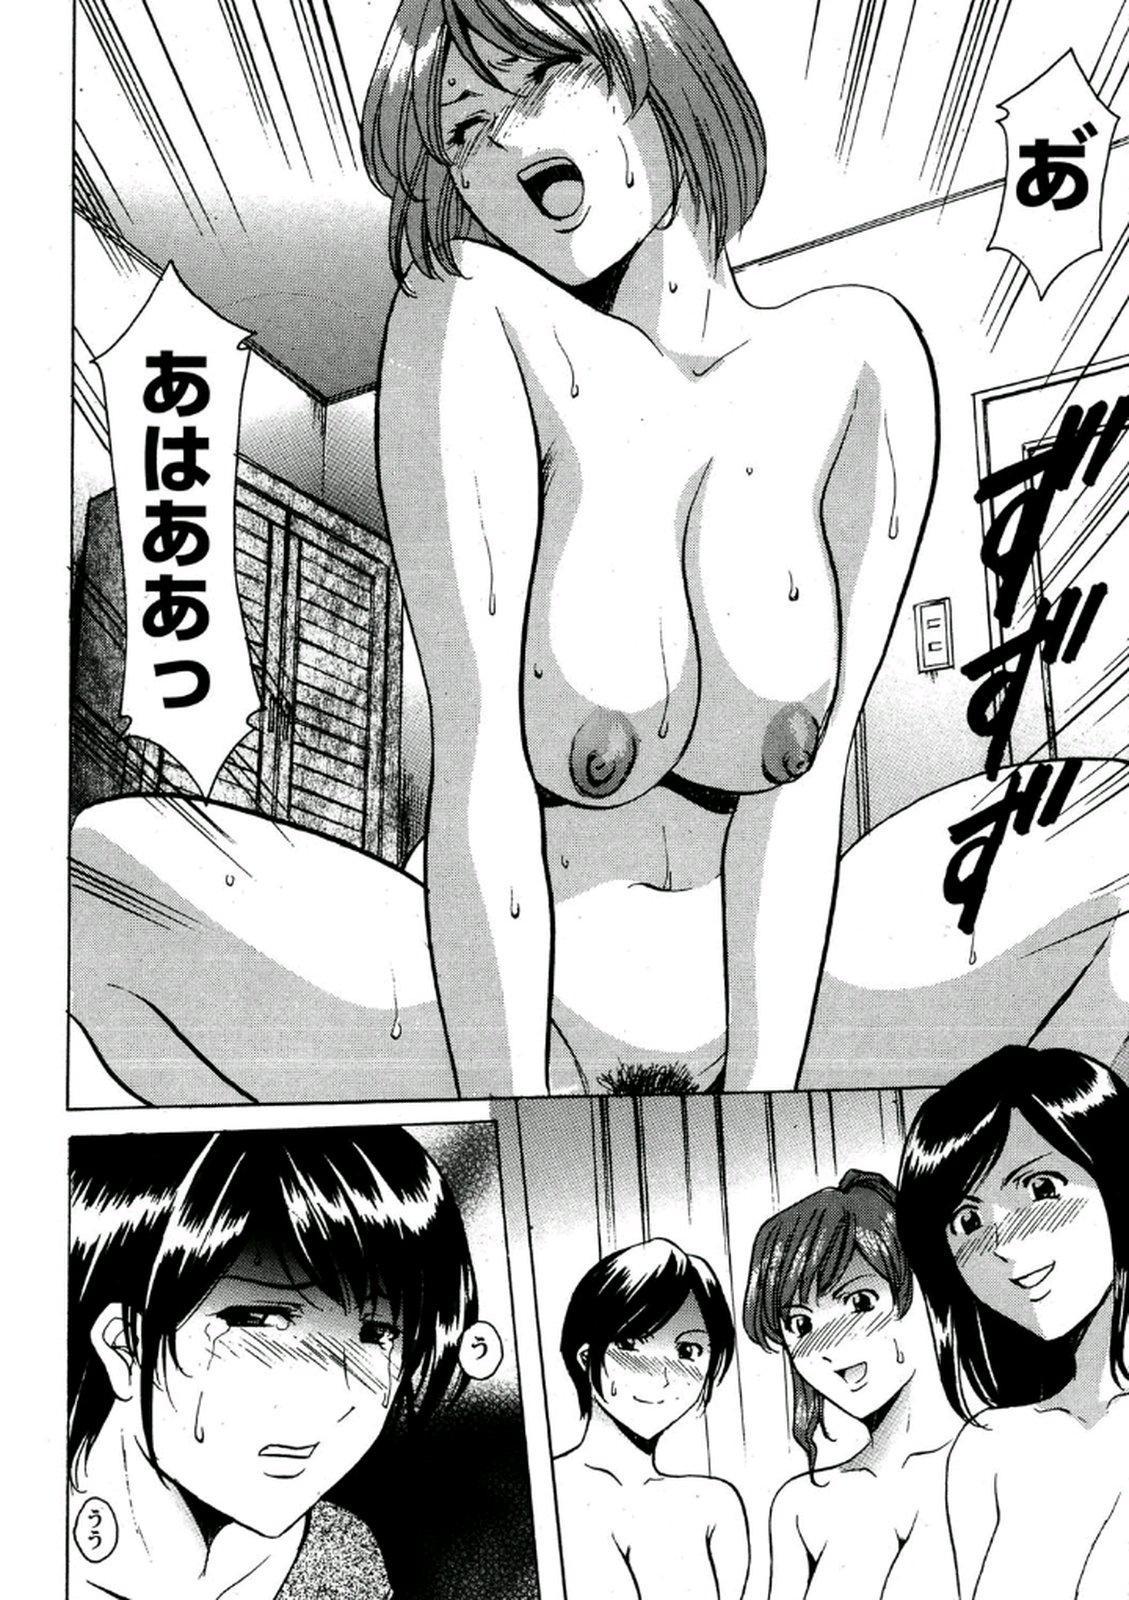 Chijoku Byoutou 62